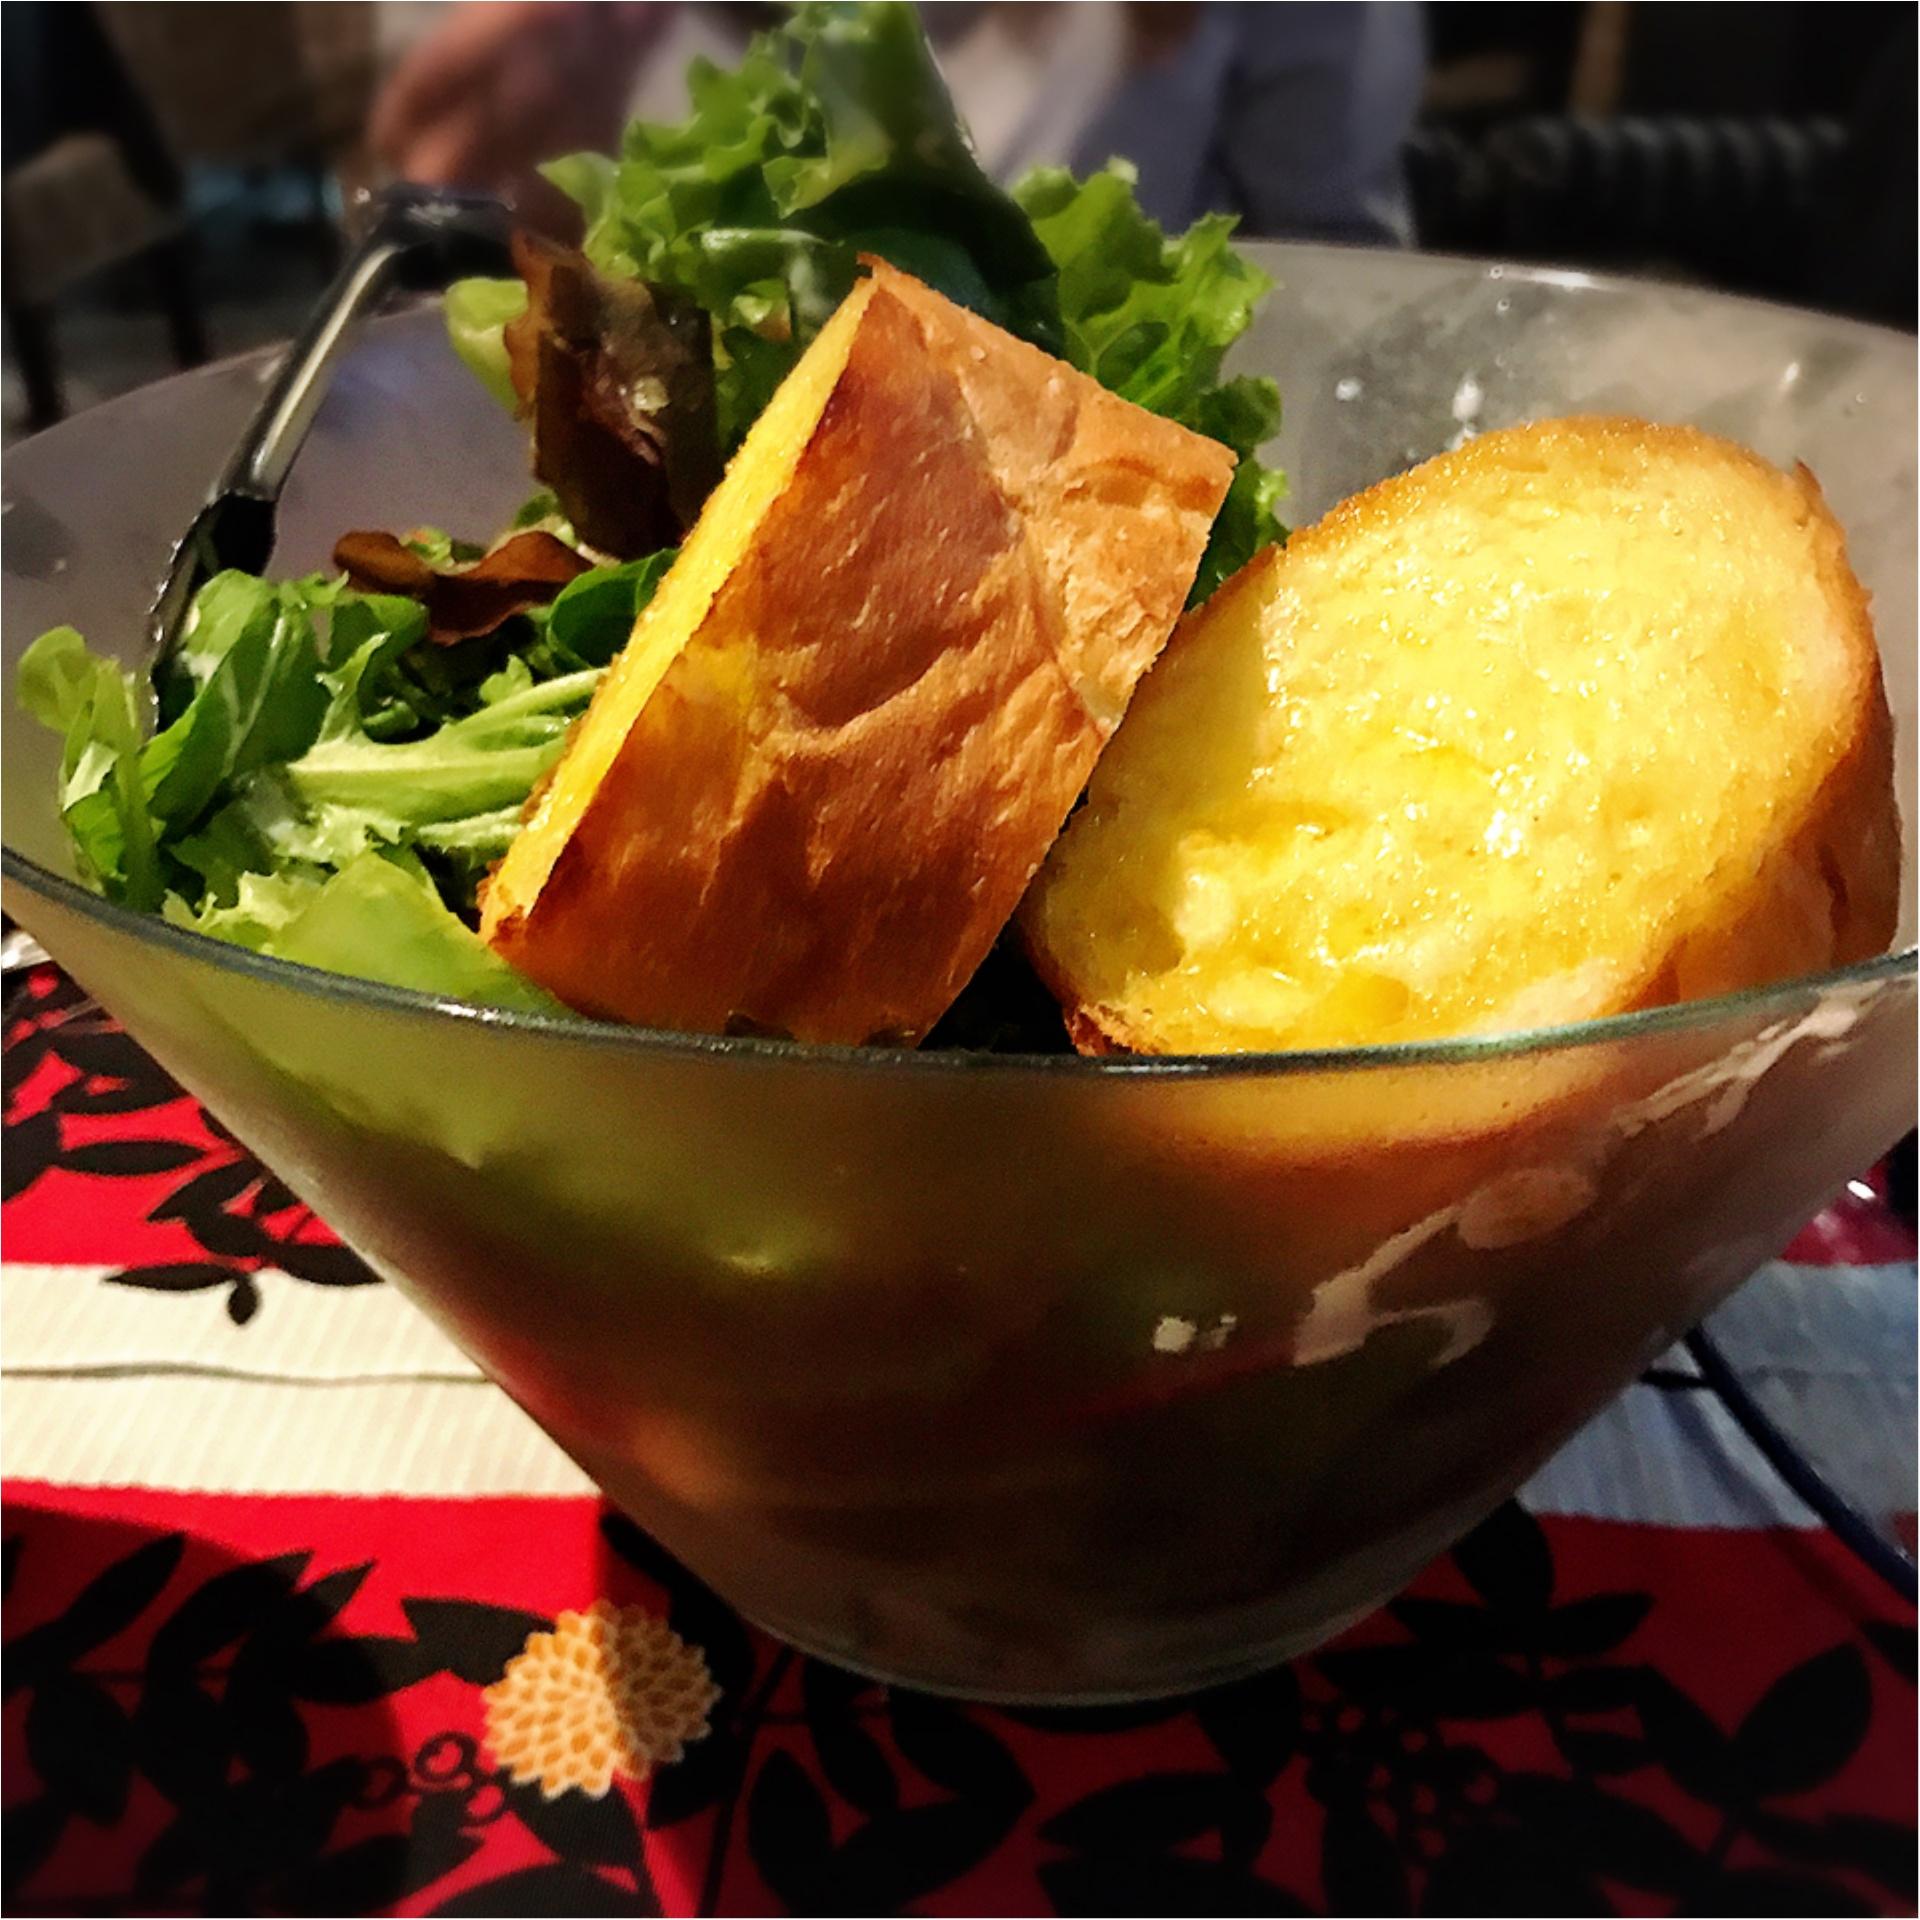 ★PINK・STRAWBERRY・FLOWER♡『可愛い』が全部詰まったスペシャルケーキが食べられるお店って?★_4